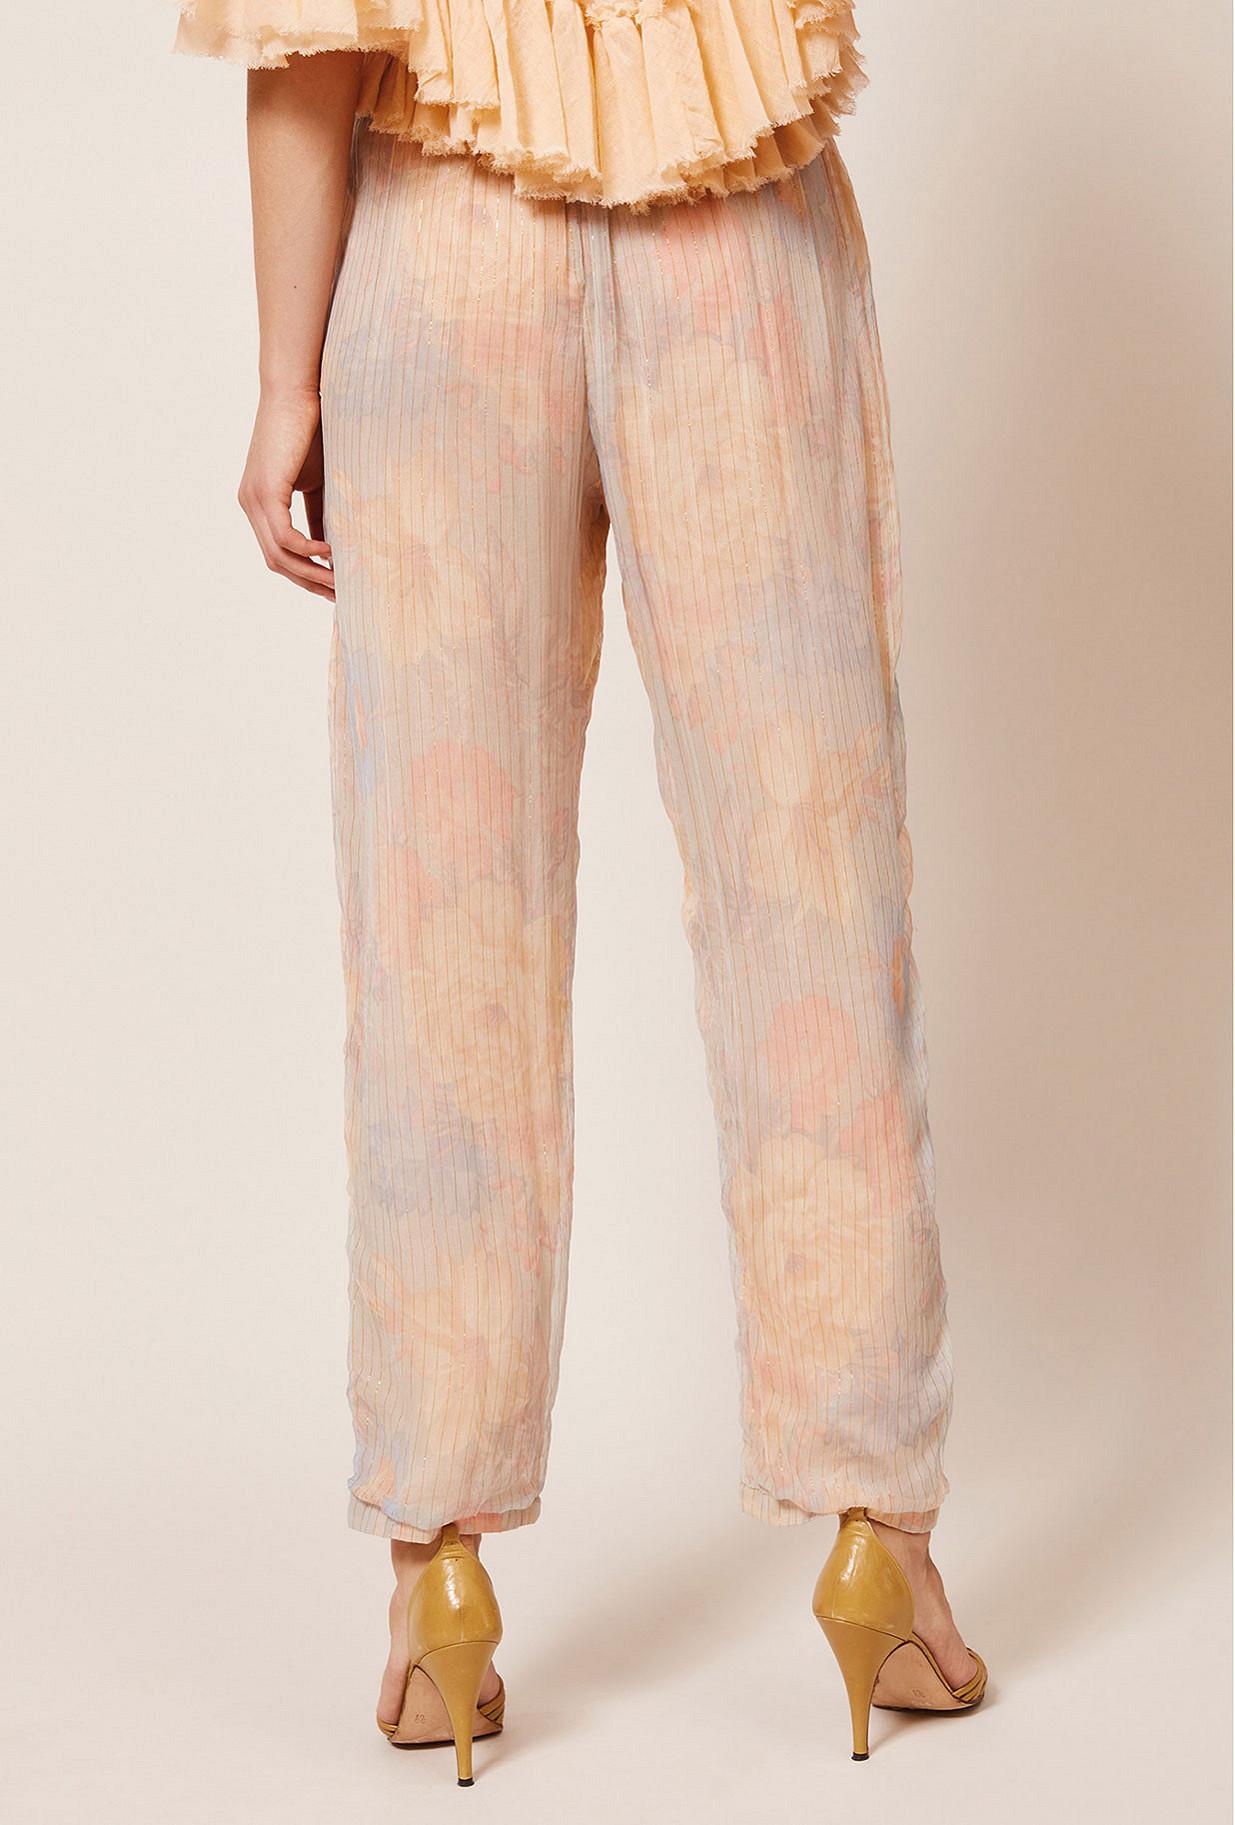 Paris boutique de mode vêtement Pantalon créateur bohème  Preles